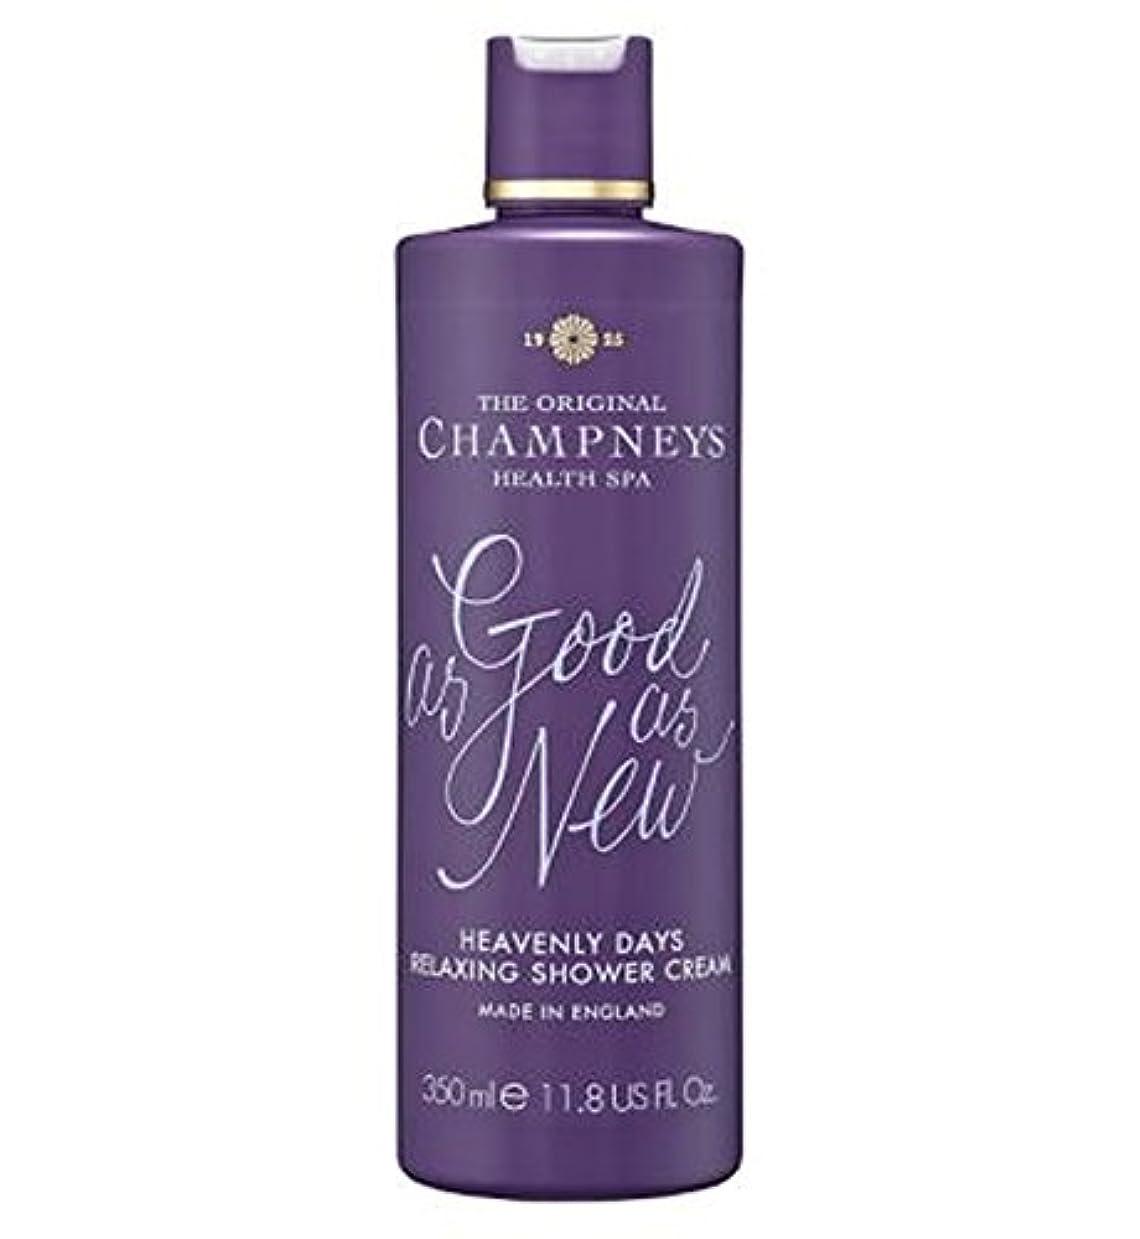 オリエンタル足枷ズボンChampneys Heavenly Days Relaxing Shower Cream 350ml - チャンプニーズ天の日のリラックスシャワークリーム350ミリリットル (Champneys) [並行輸入品]